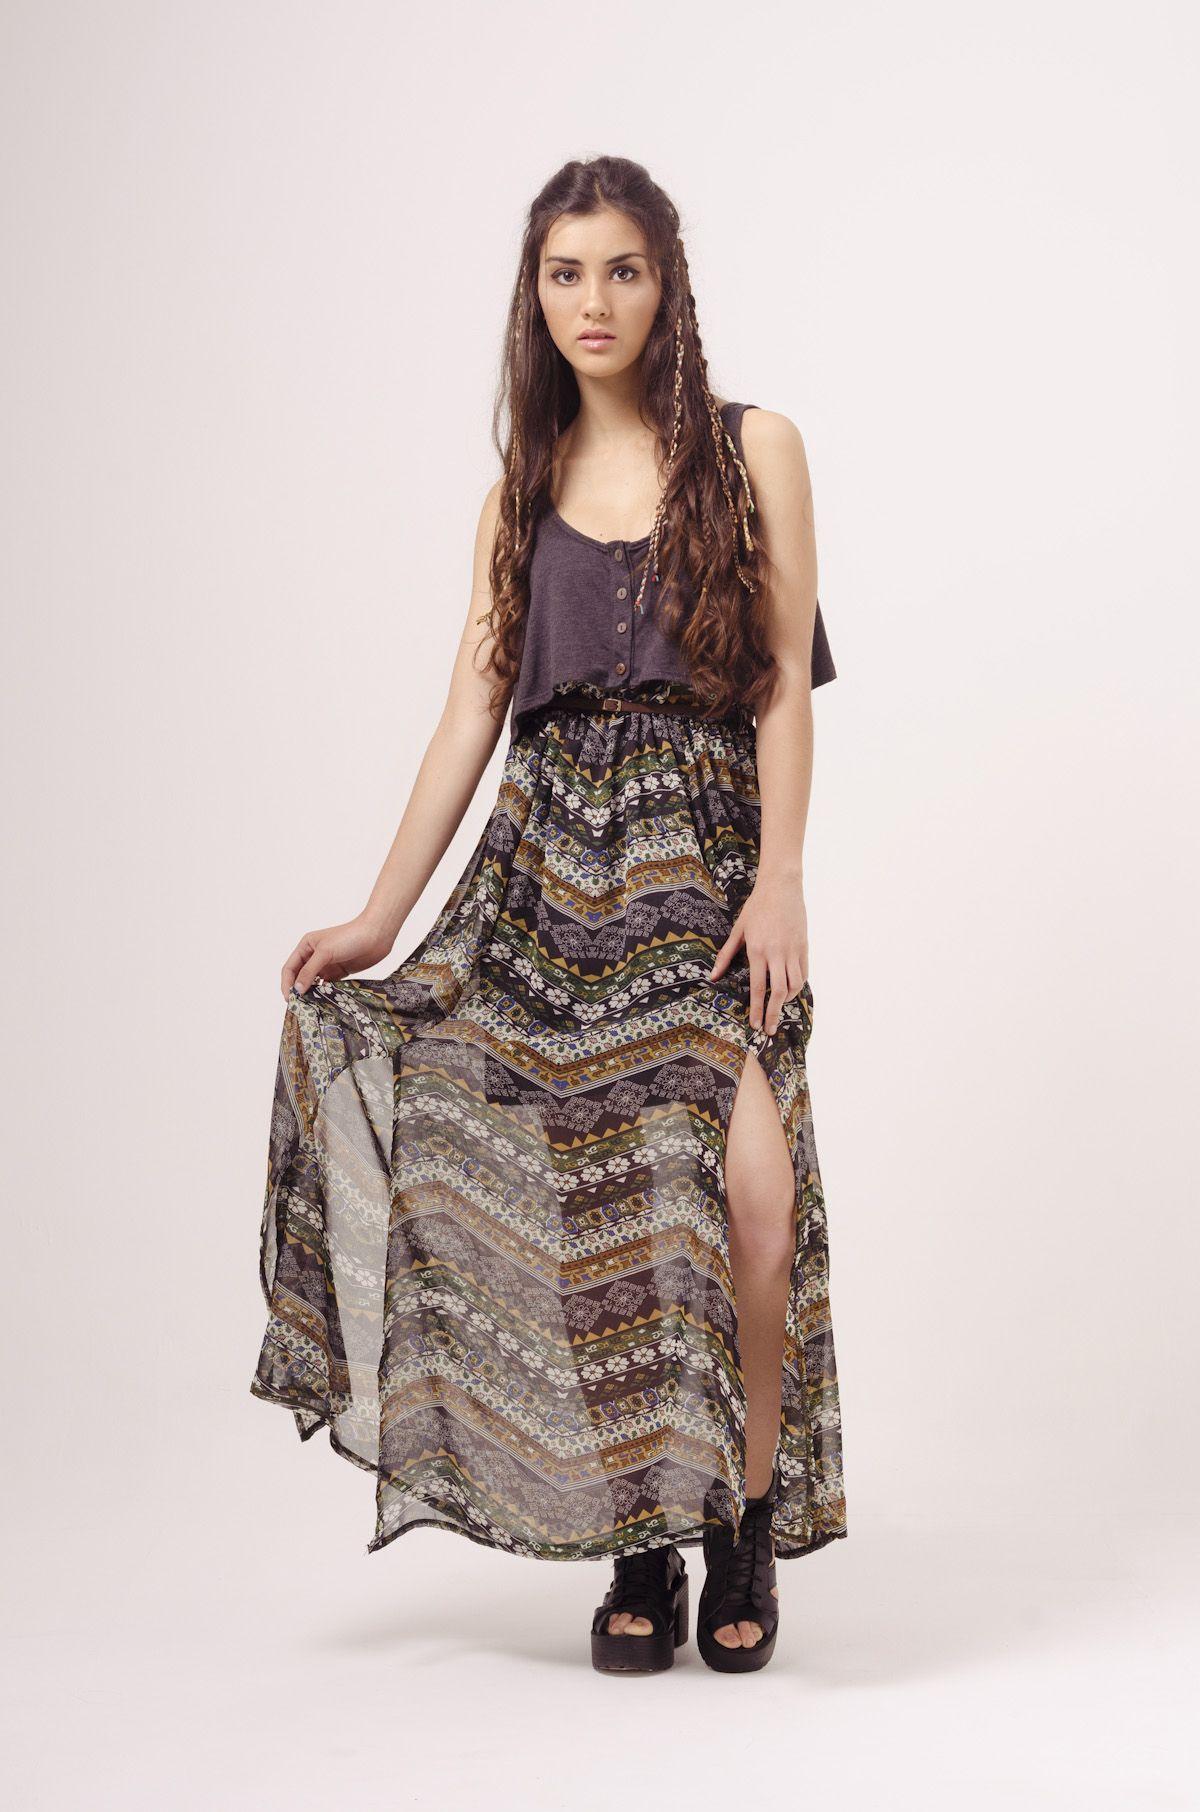 #fashion #clothing #dress #boho #hippie #style